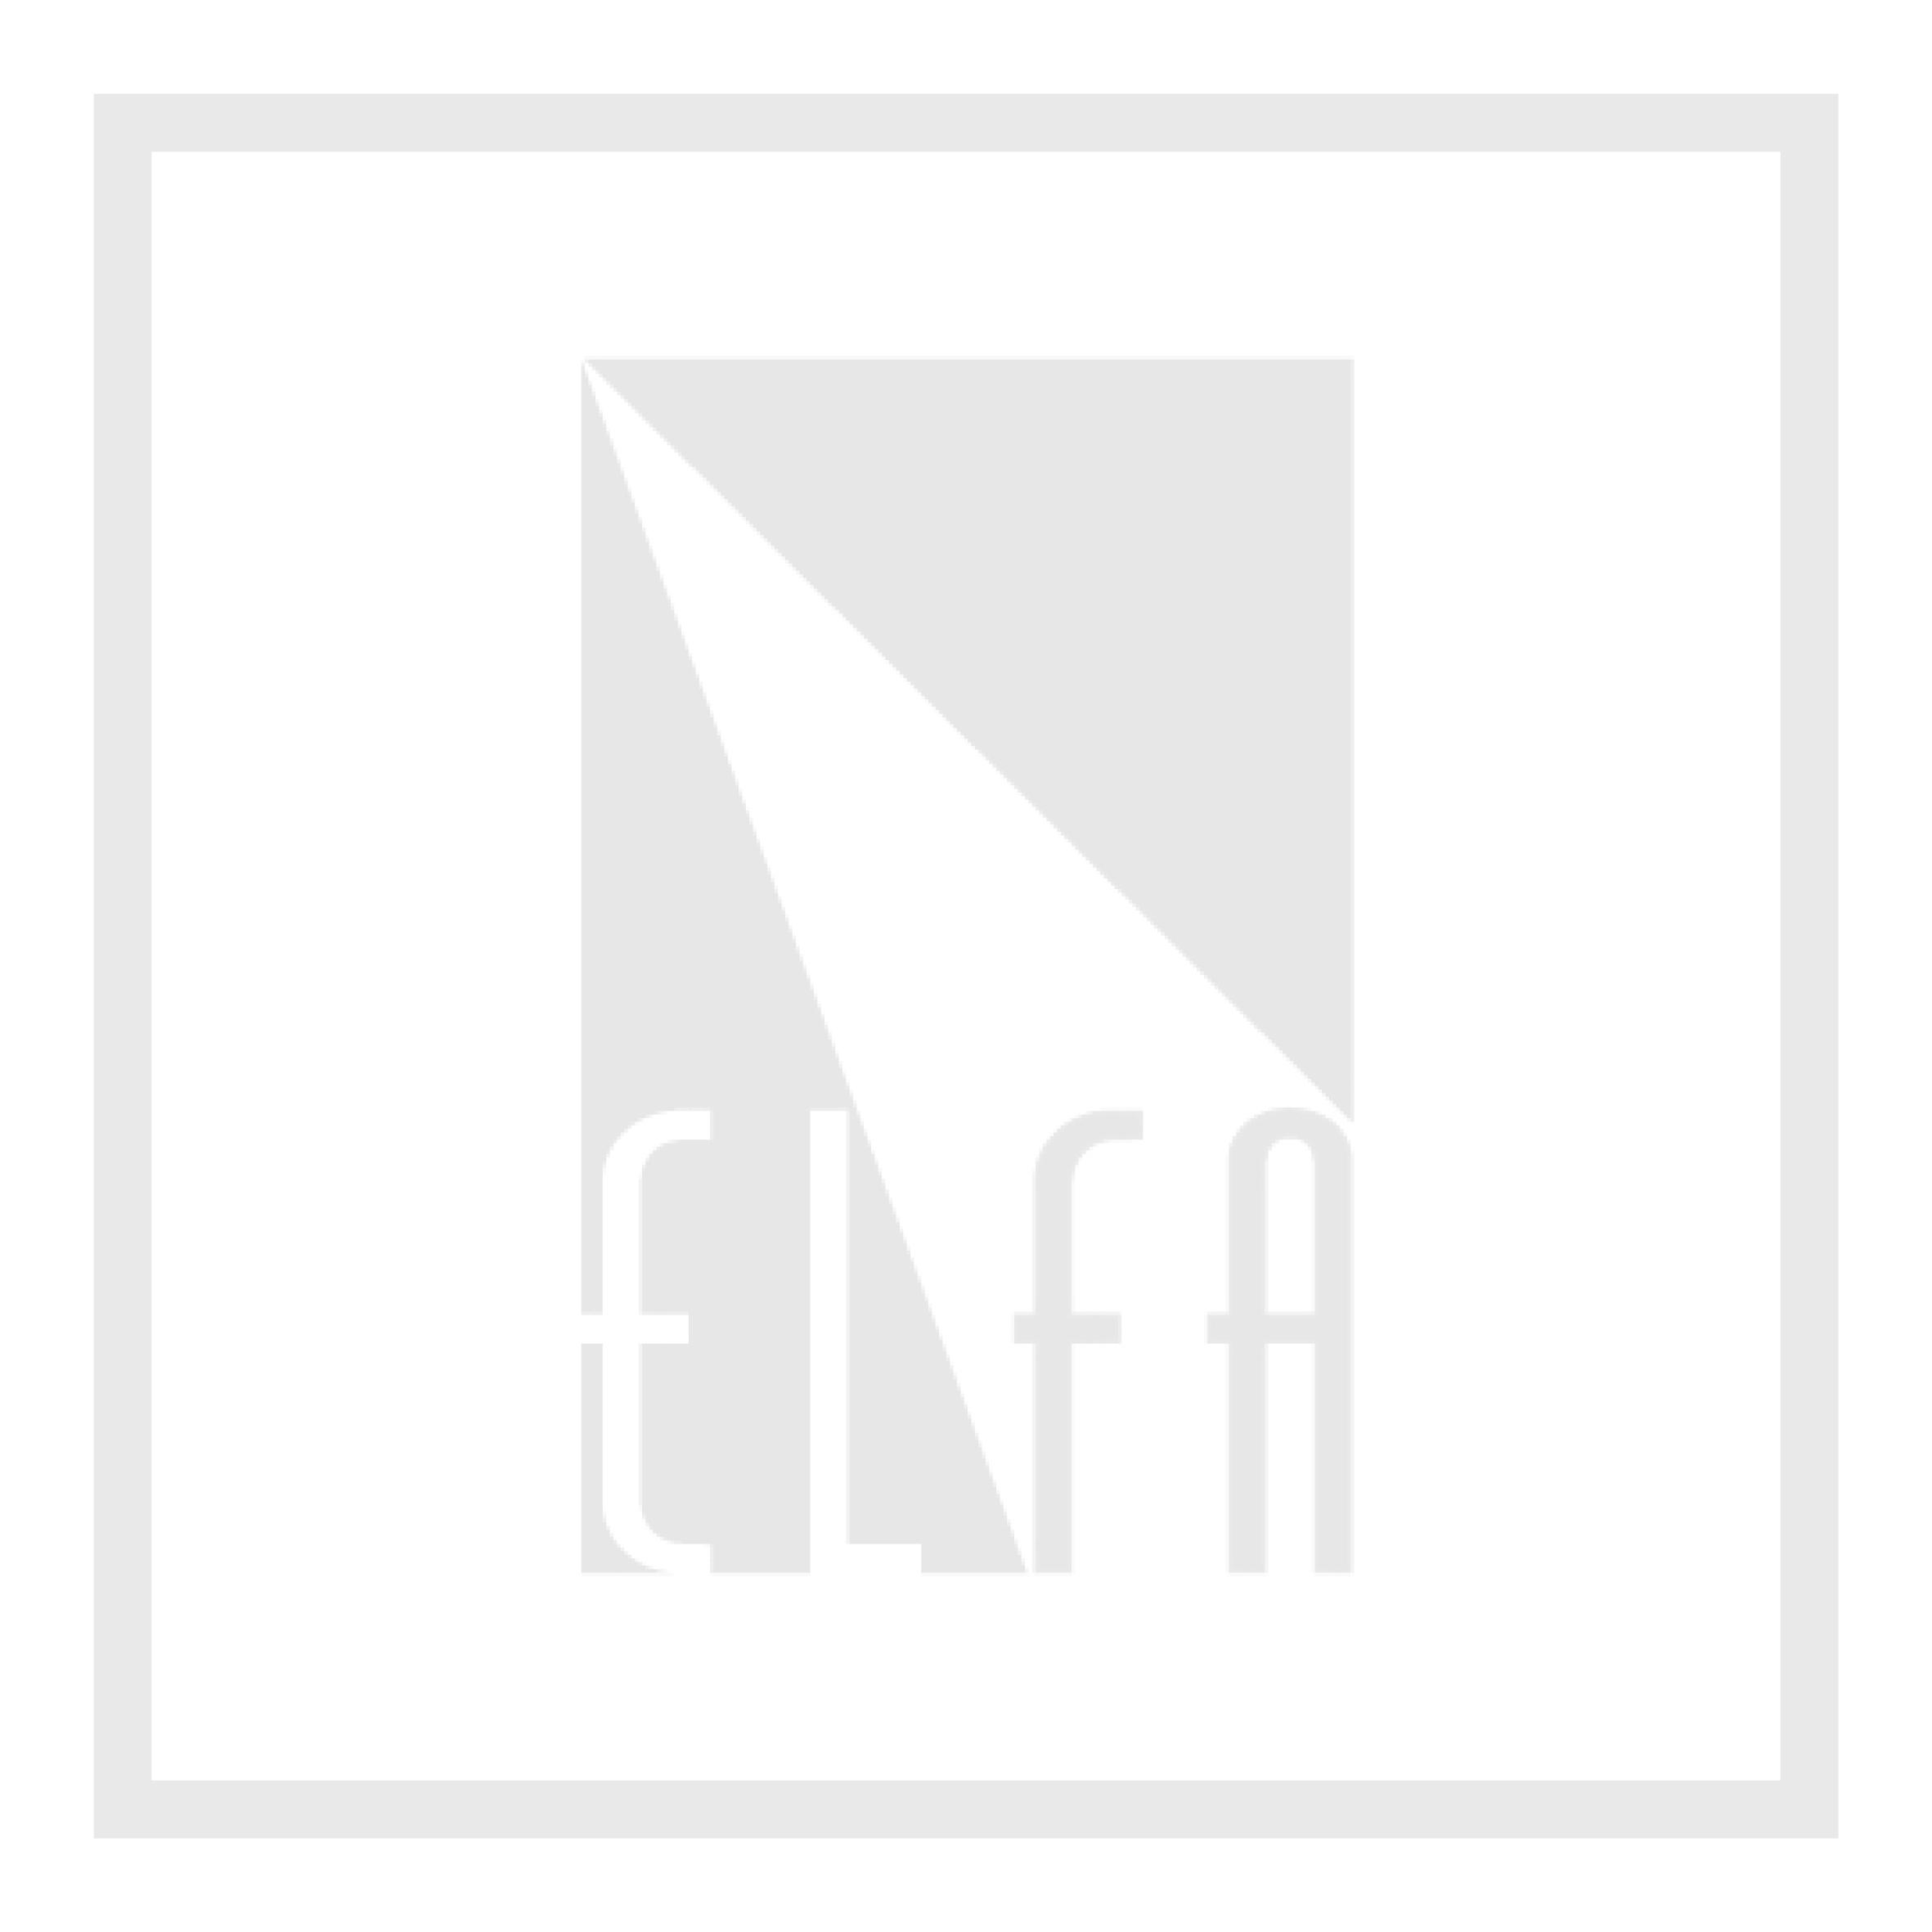 Panasonic Pb accu LC-R061R3P 6V 1300mAh L97 B24 H50 FAST4,8